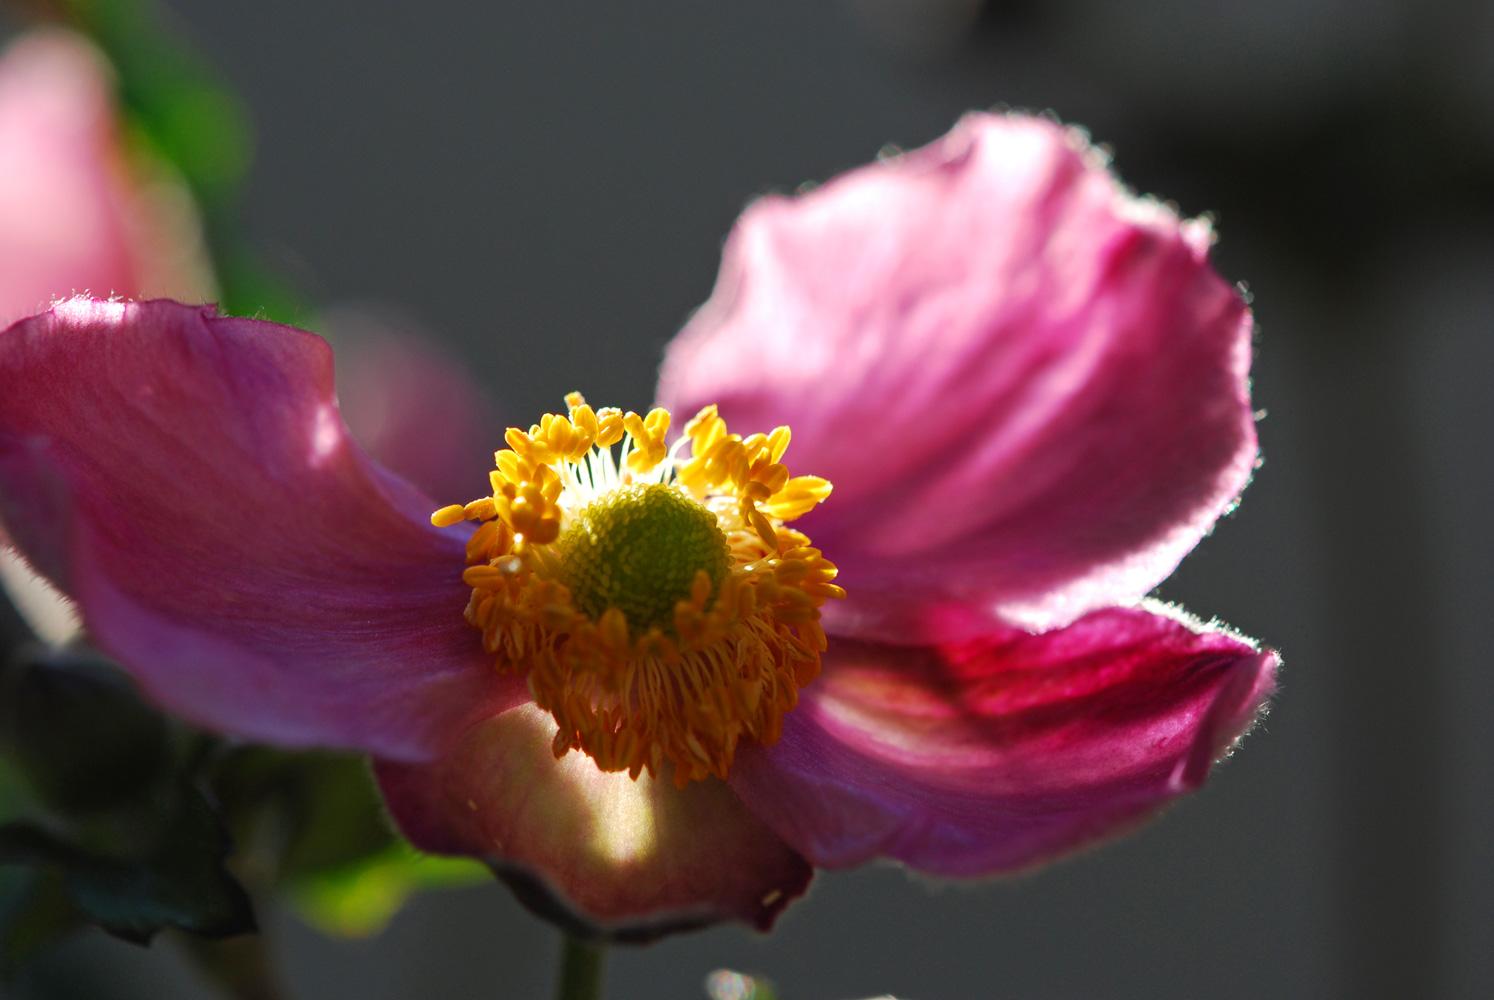 herbst anemone 4 by jojosangm on deviantart. Black Bedroom Furniture Sets. Home Design Ideas